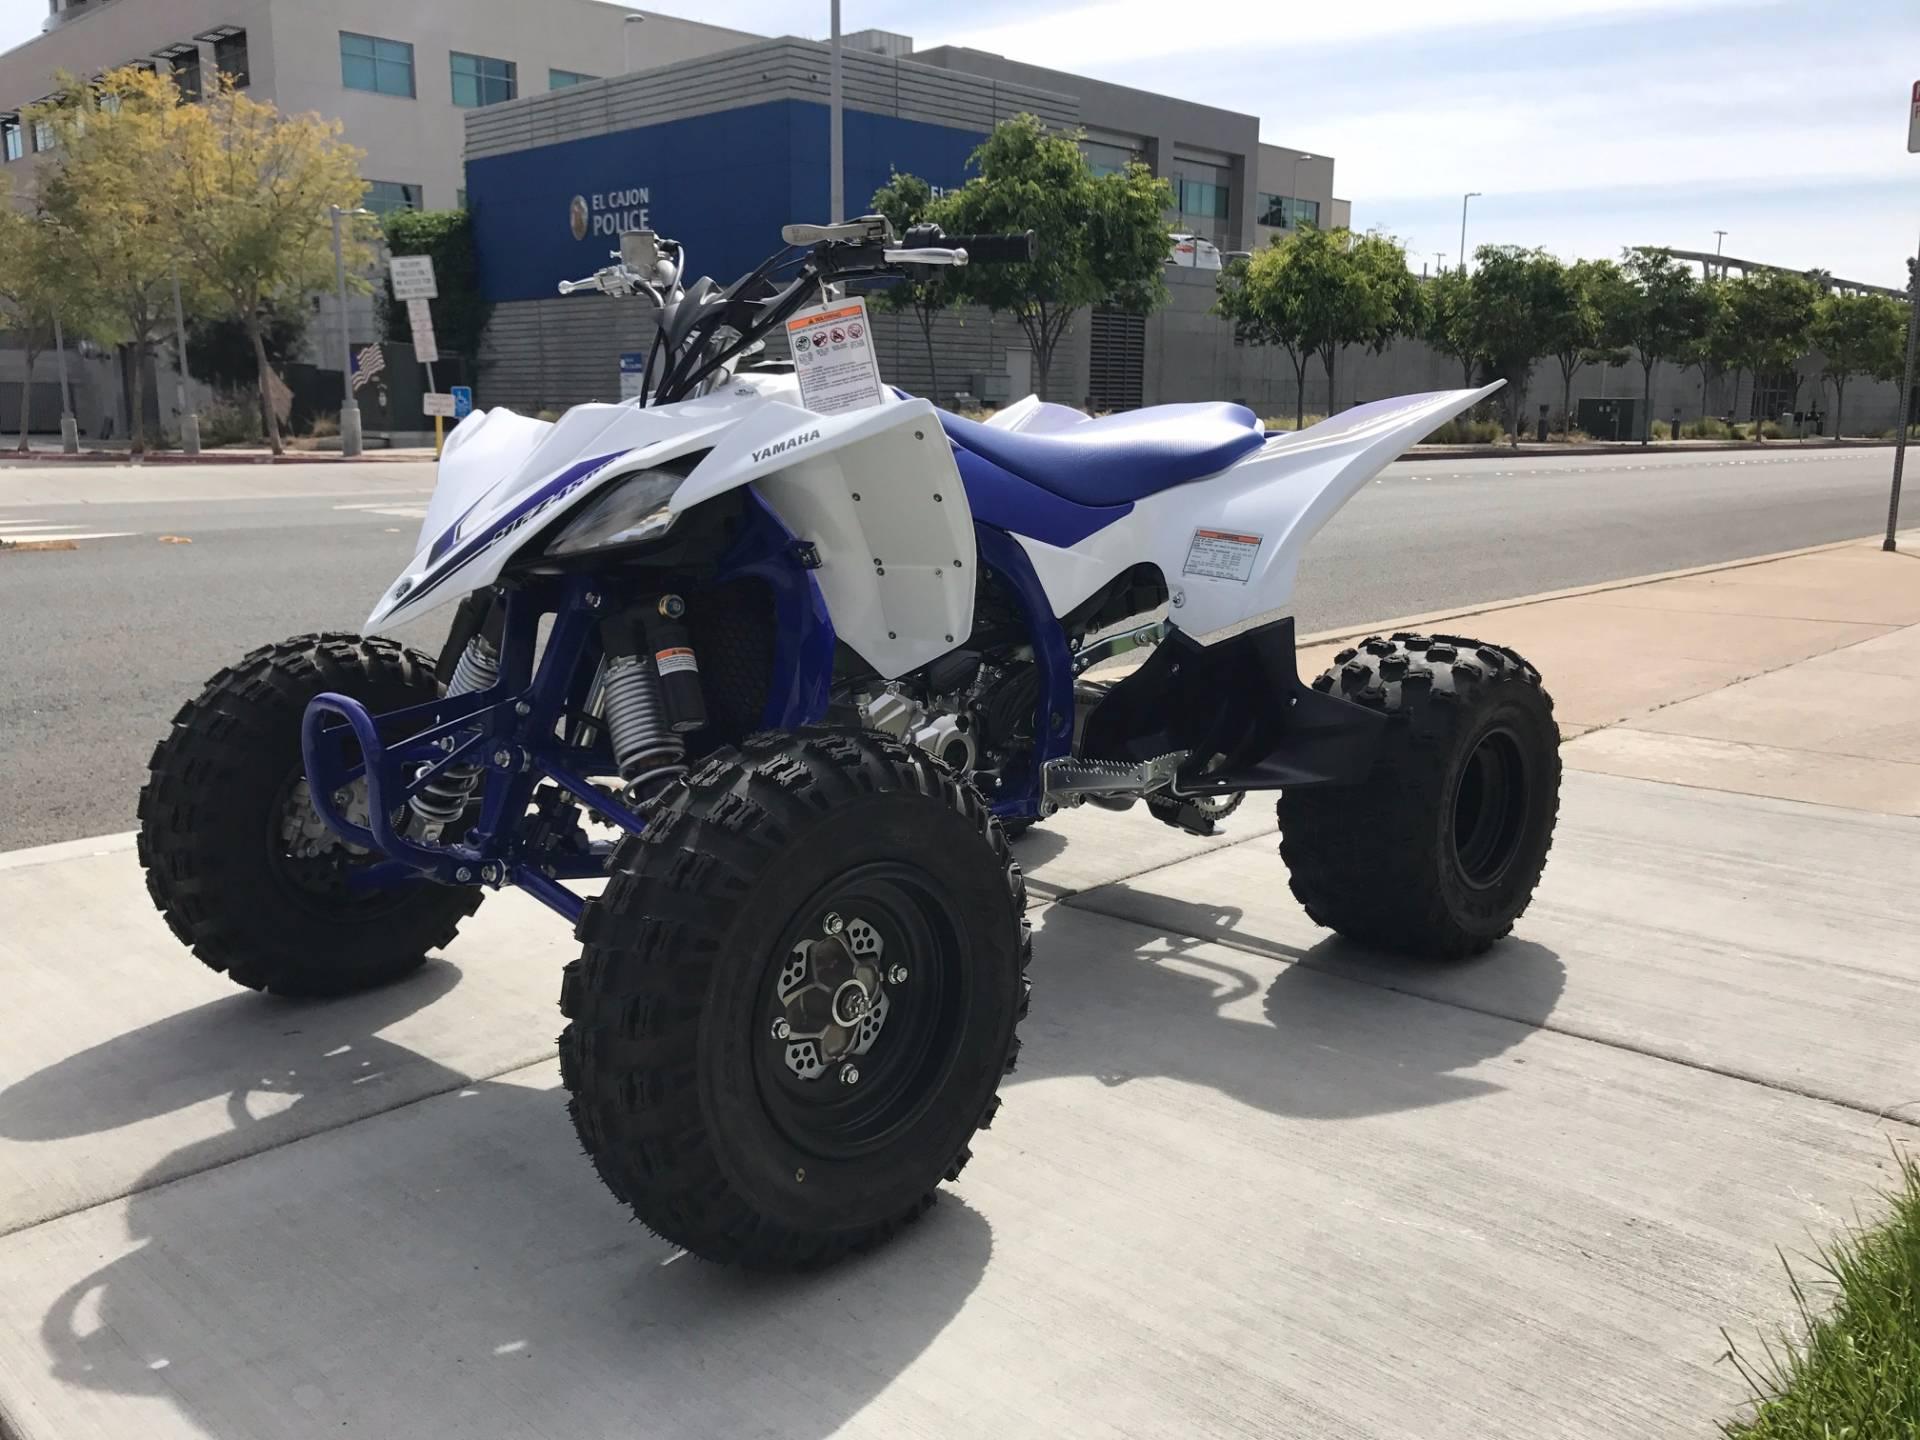 2017 Yamaha YFZ450R 5